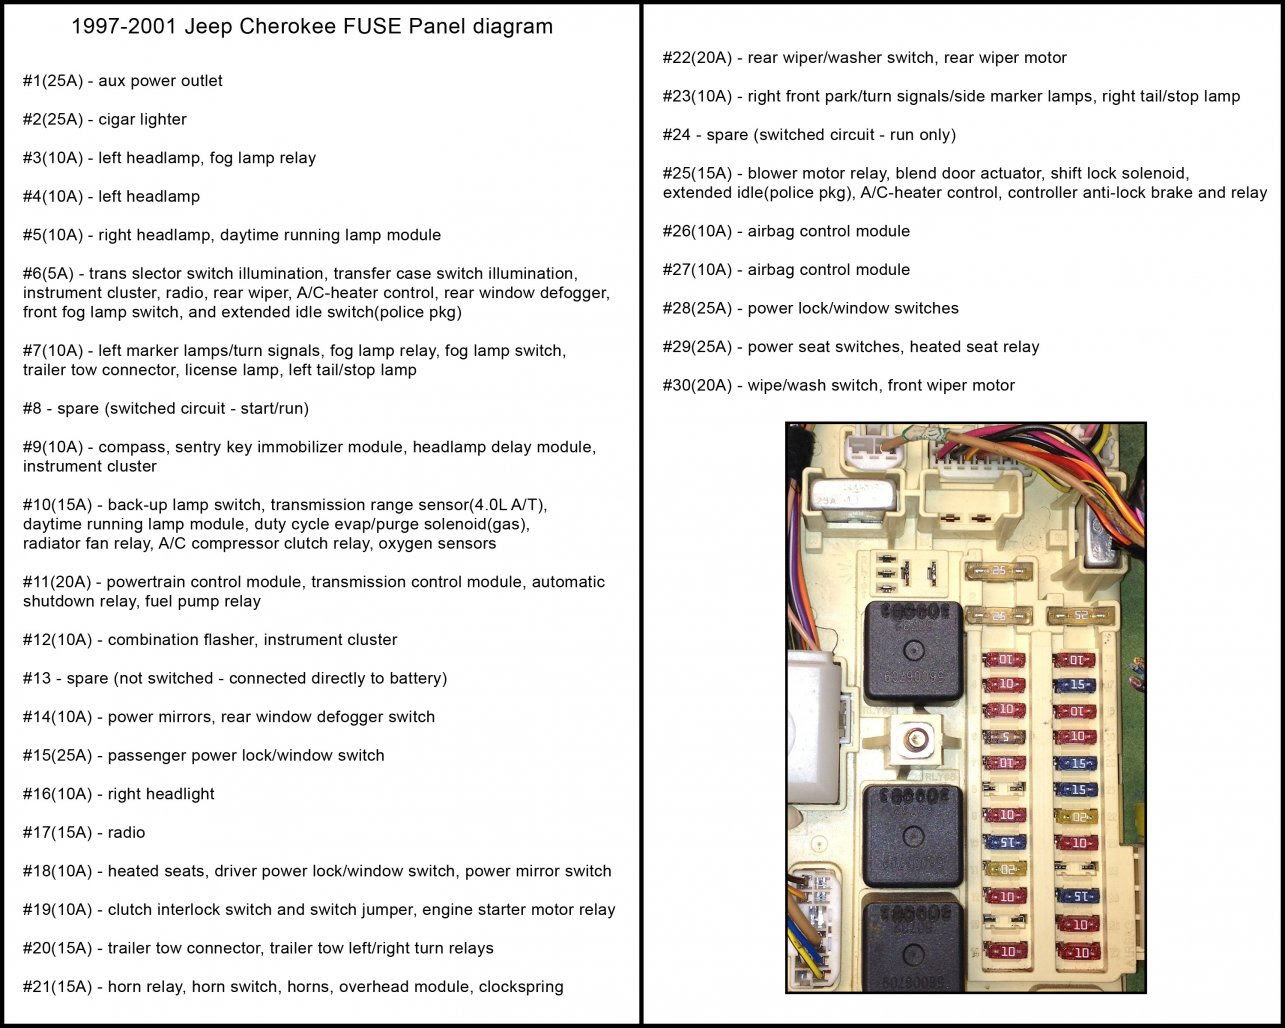 97 2 door fuse confusion - Jeep Cherokee Forum